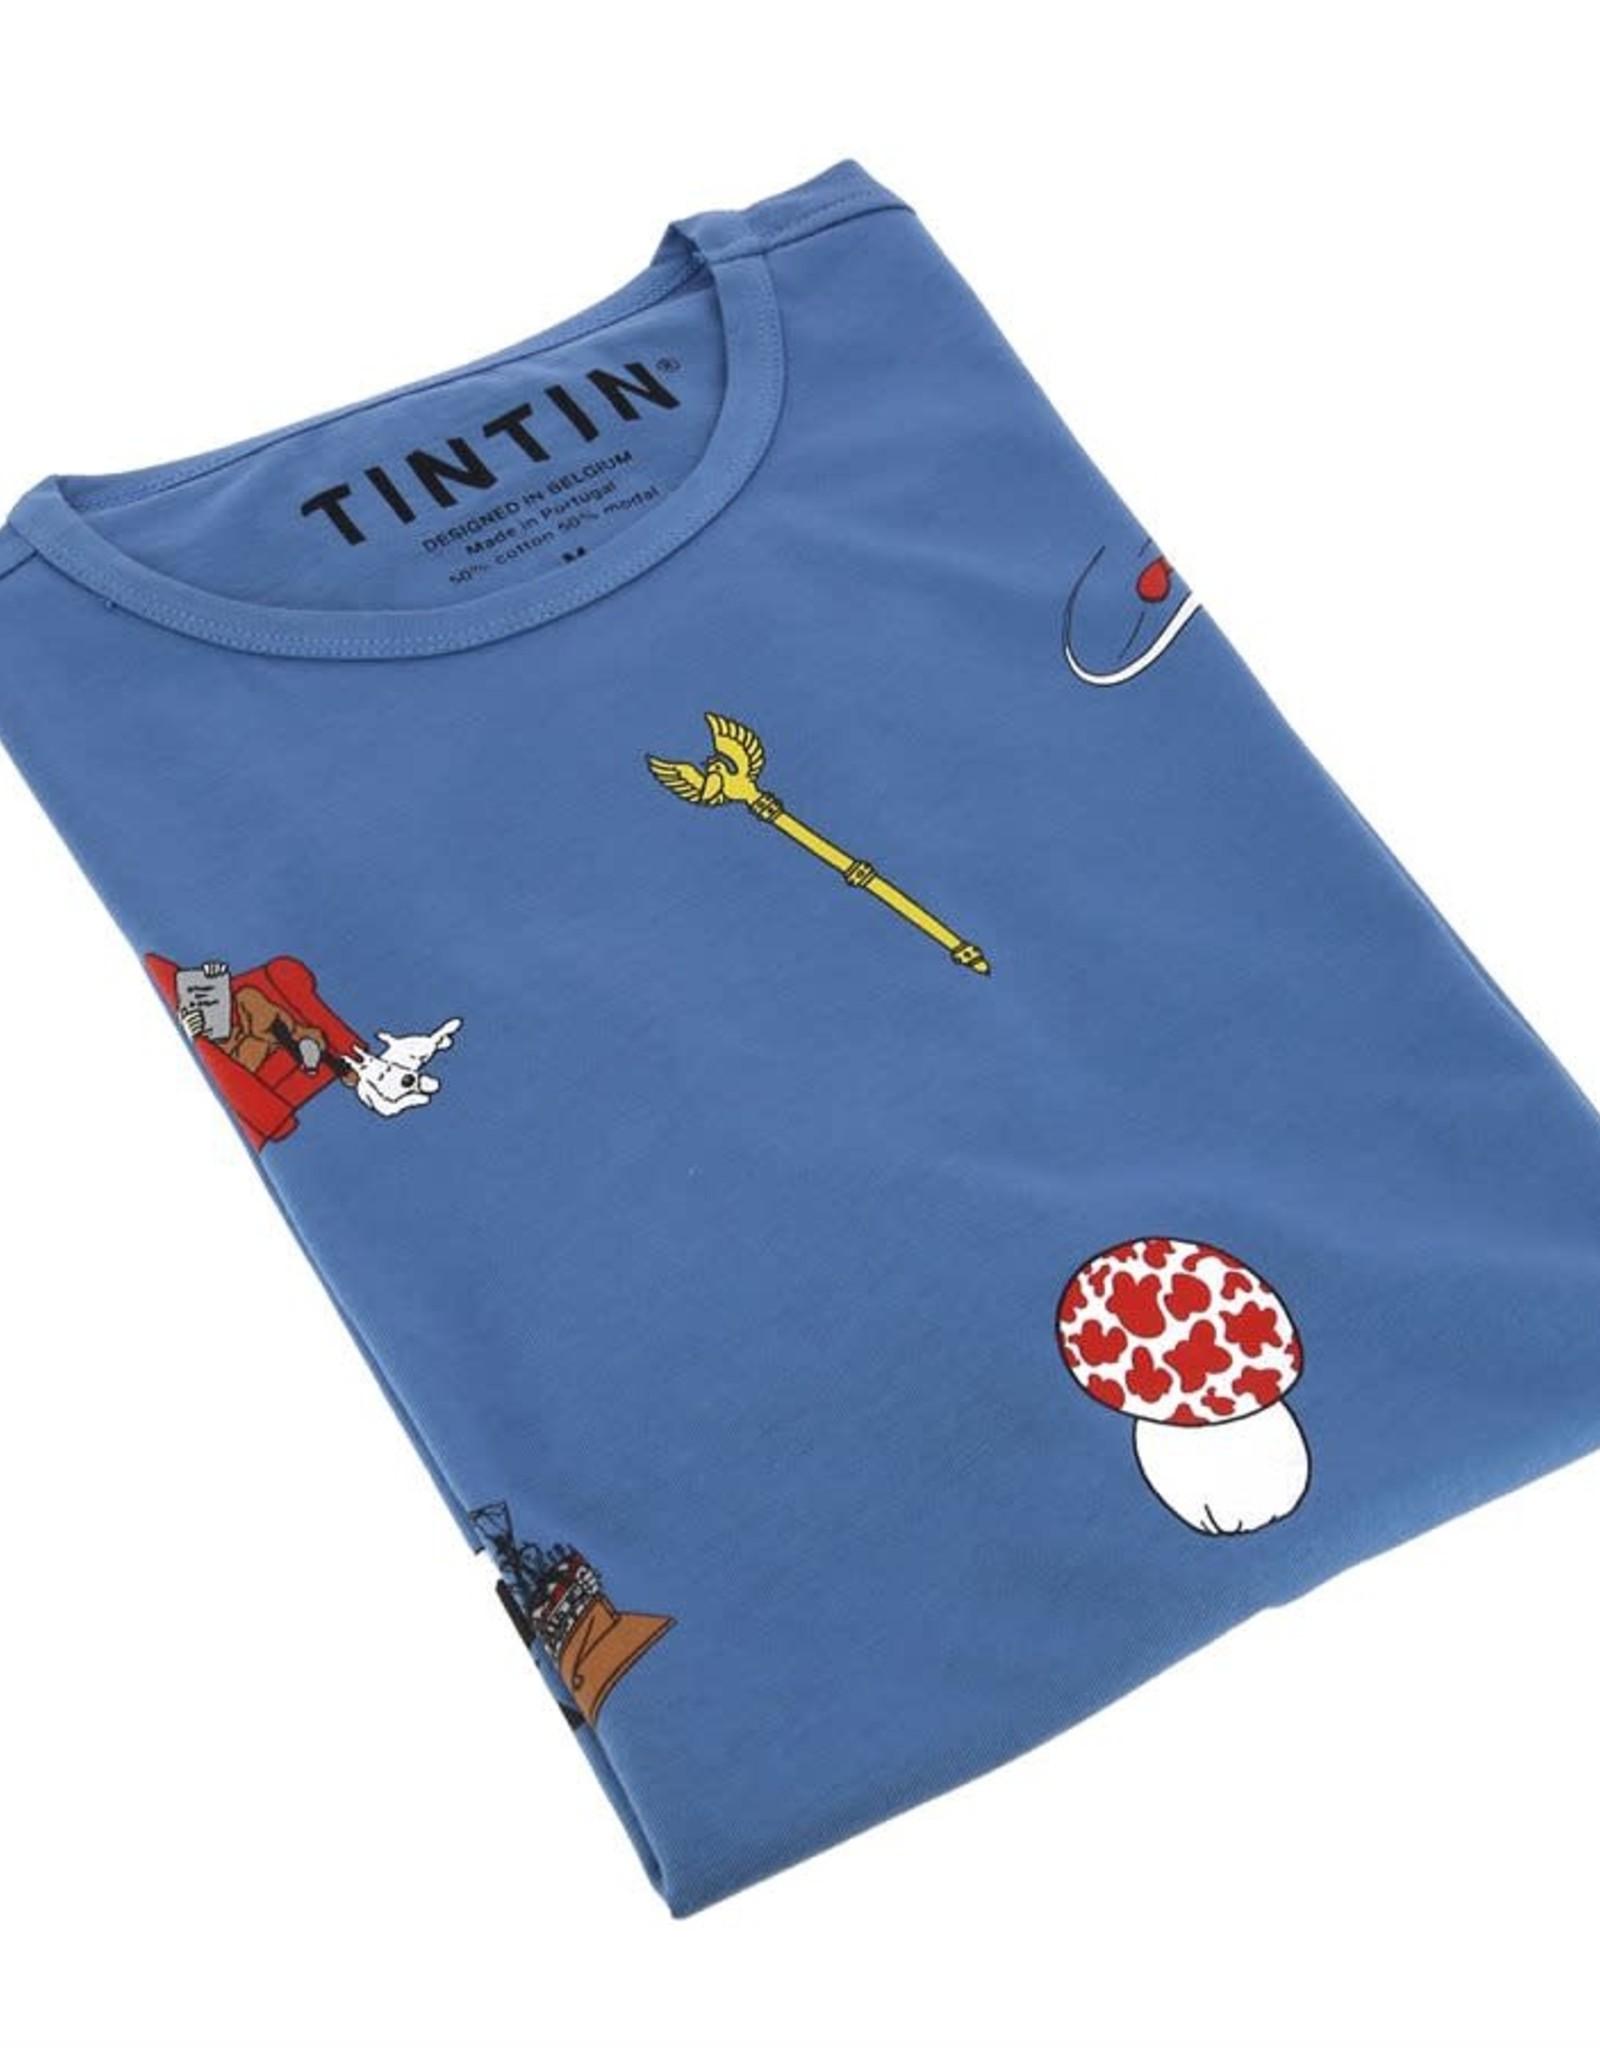 Tintin Chandail Tintin icônes bleu